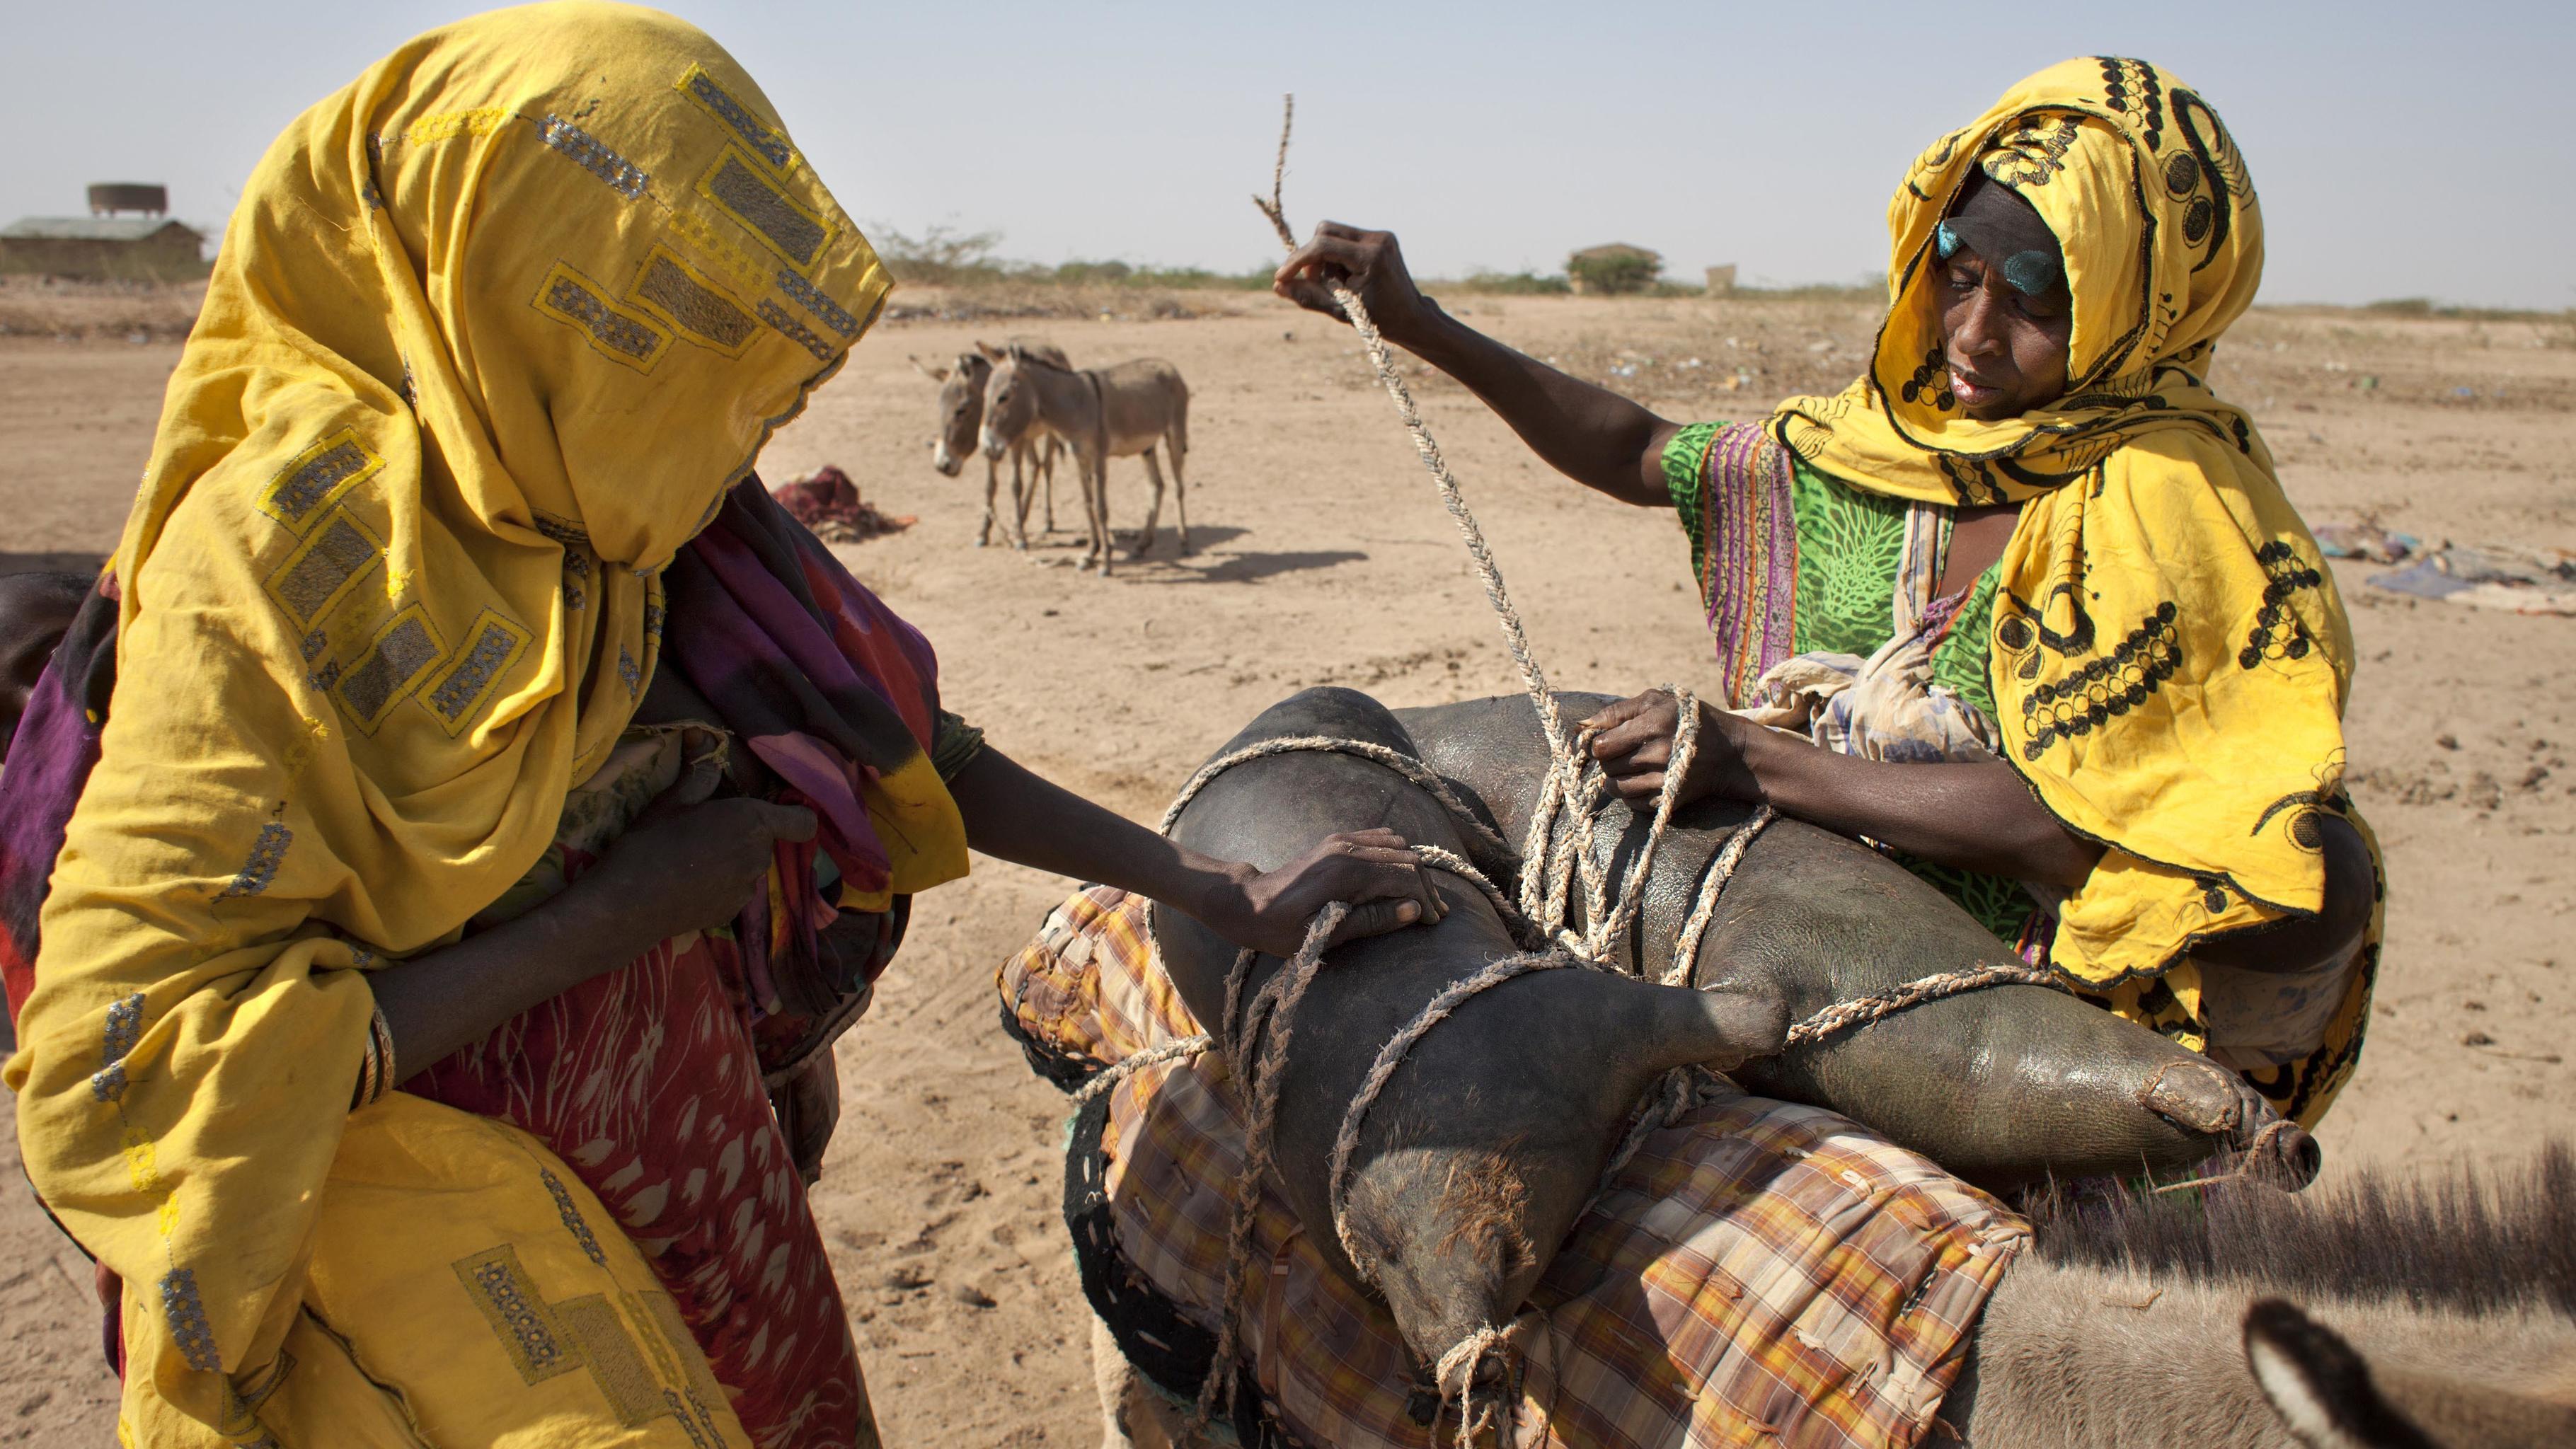 Habodo Gele und ihre Nachbarin beladen einen Esel mit Behältern aus Ziegenhaut